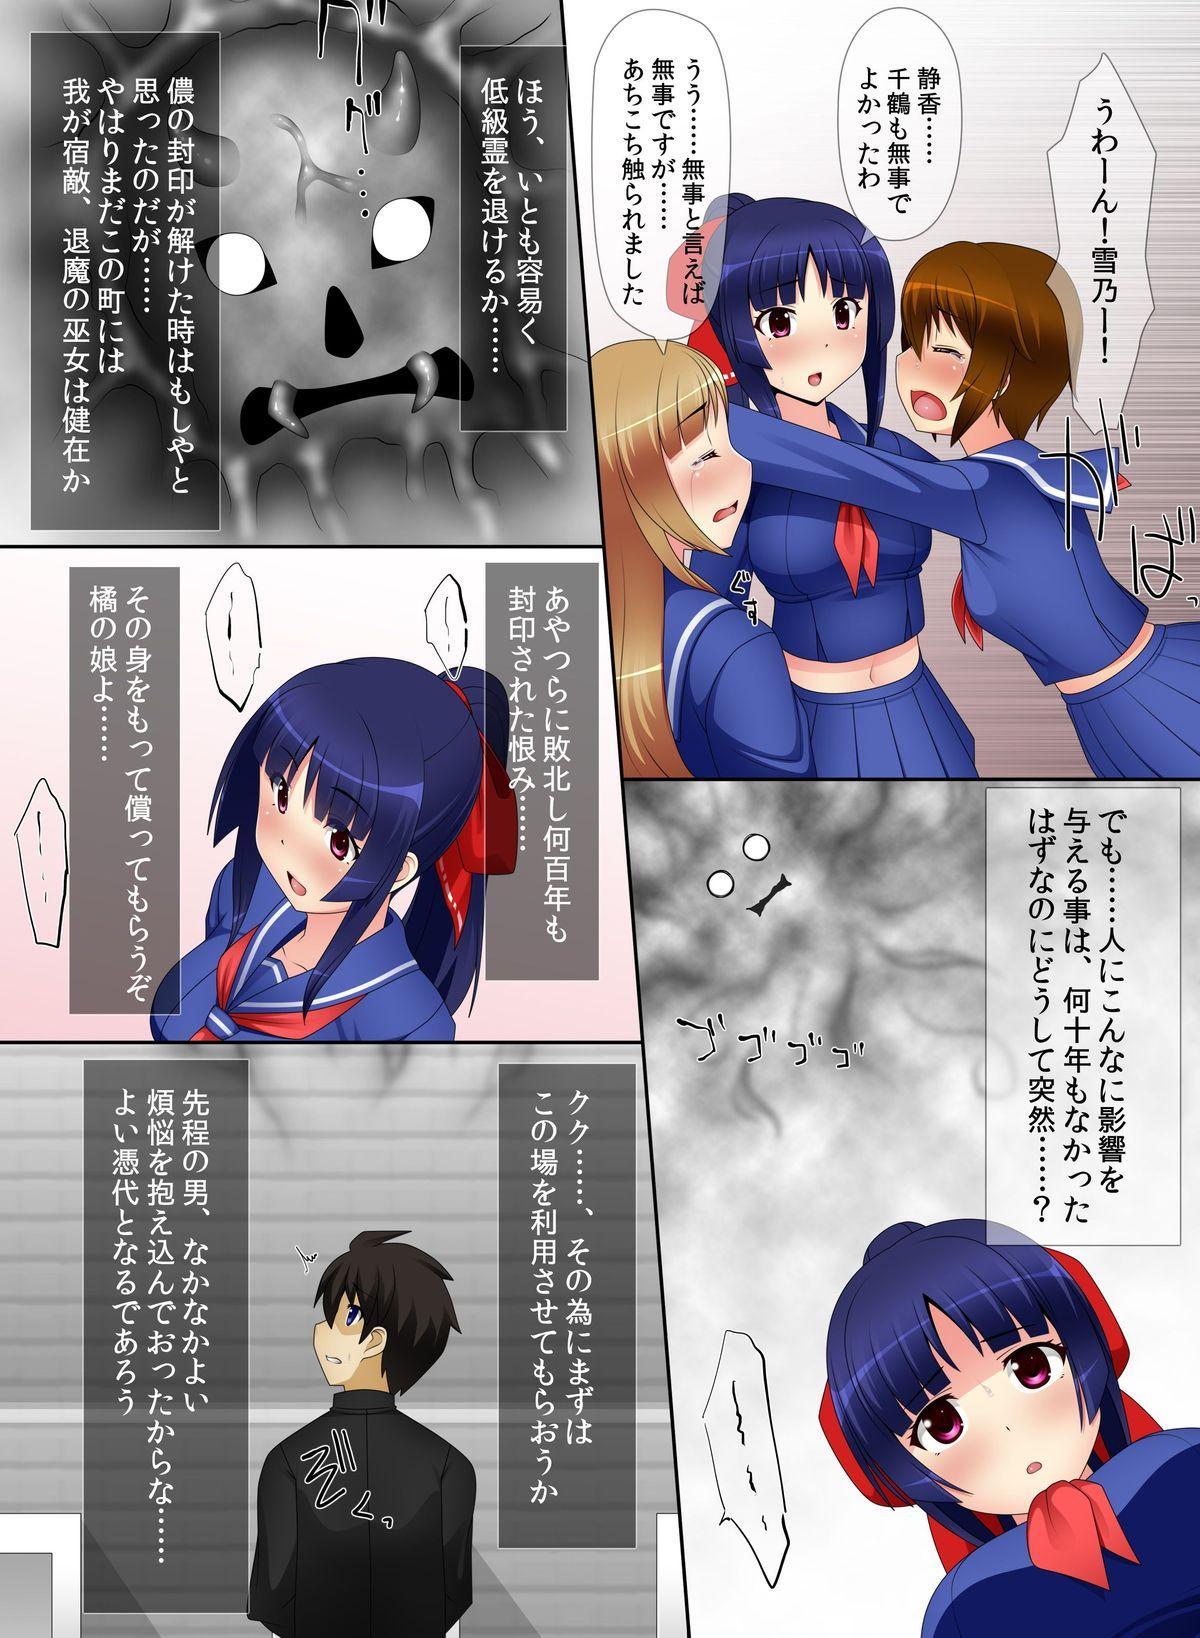 Akuochi! Ryoujoku no Miko 6